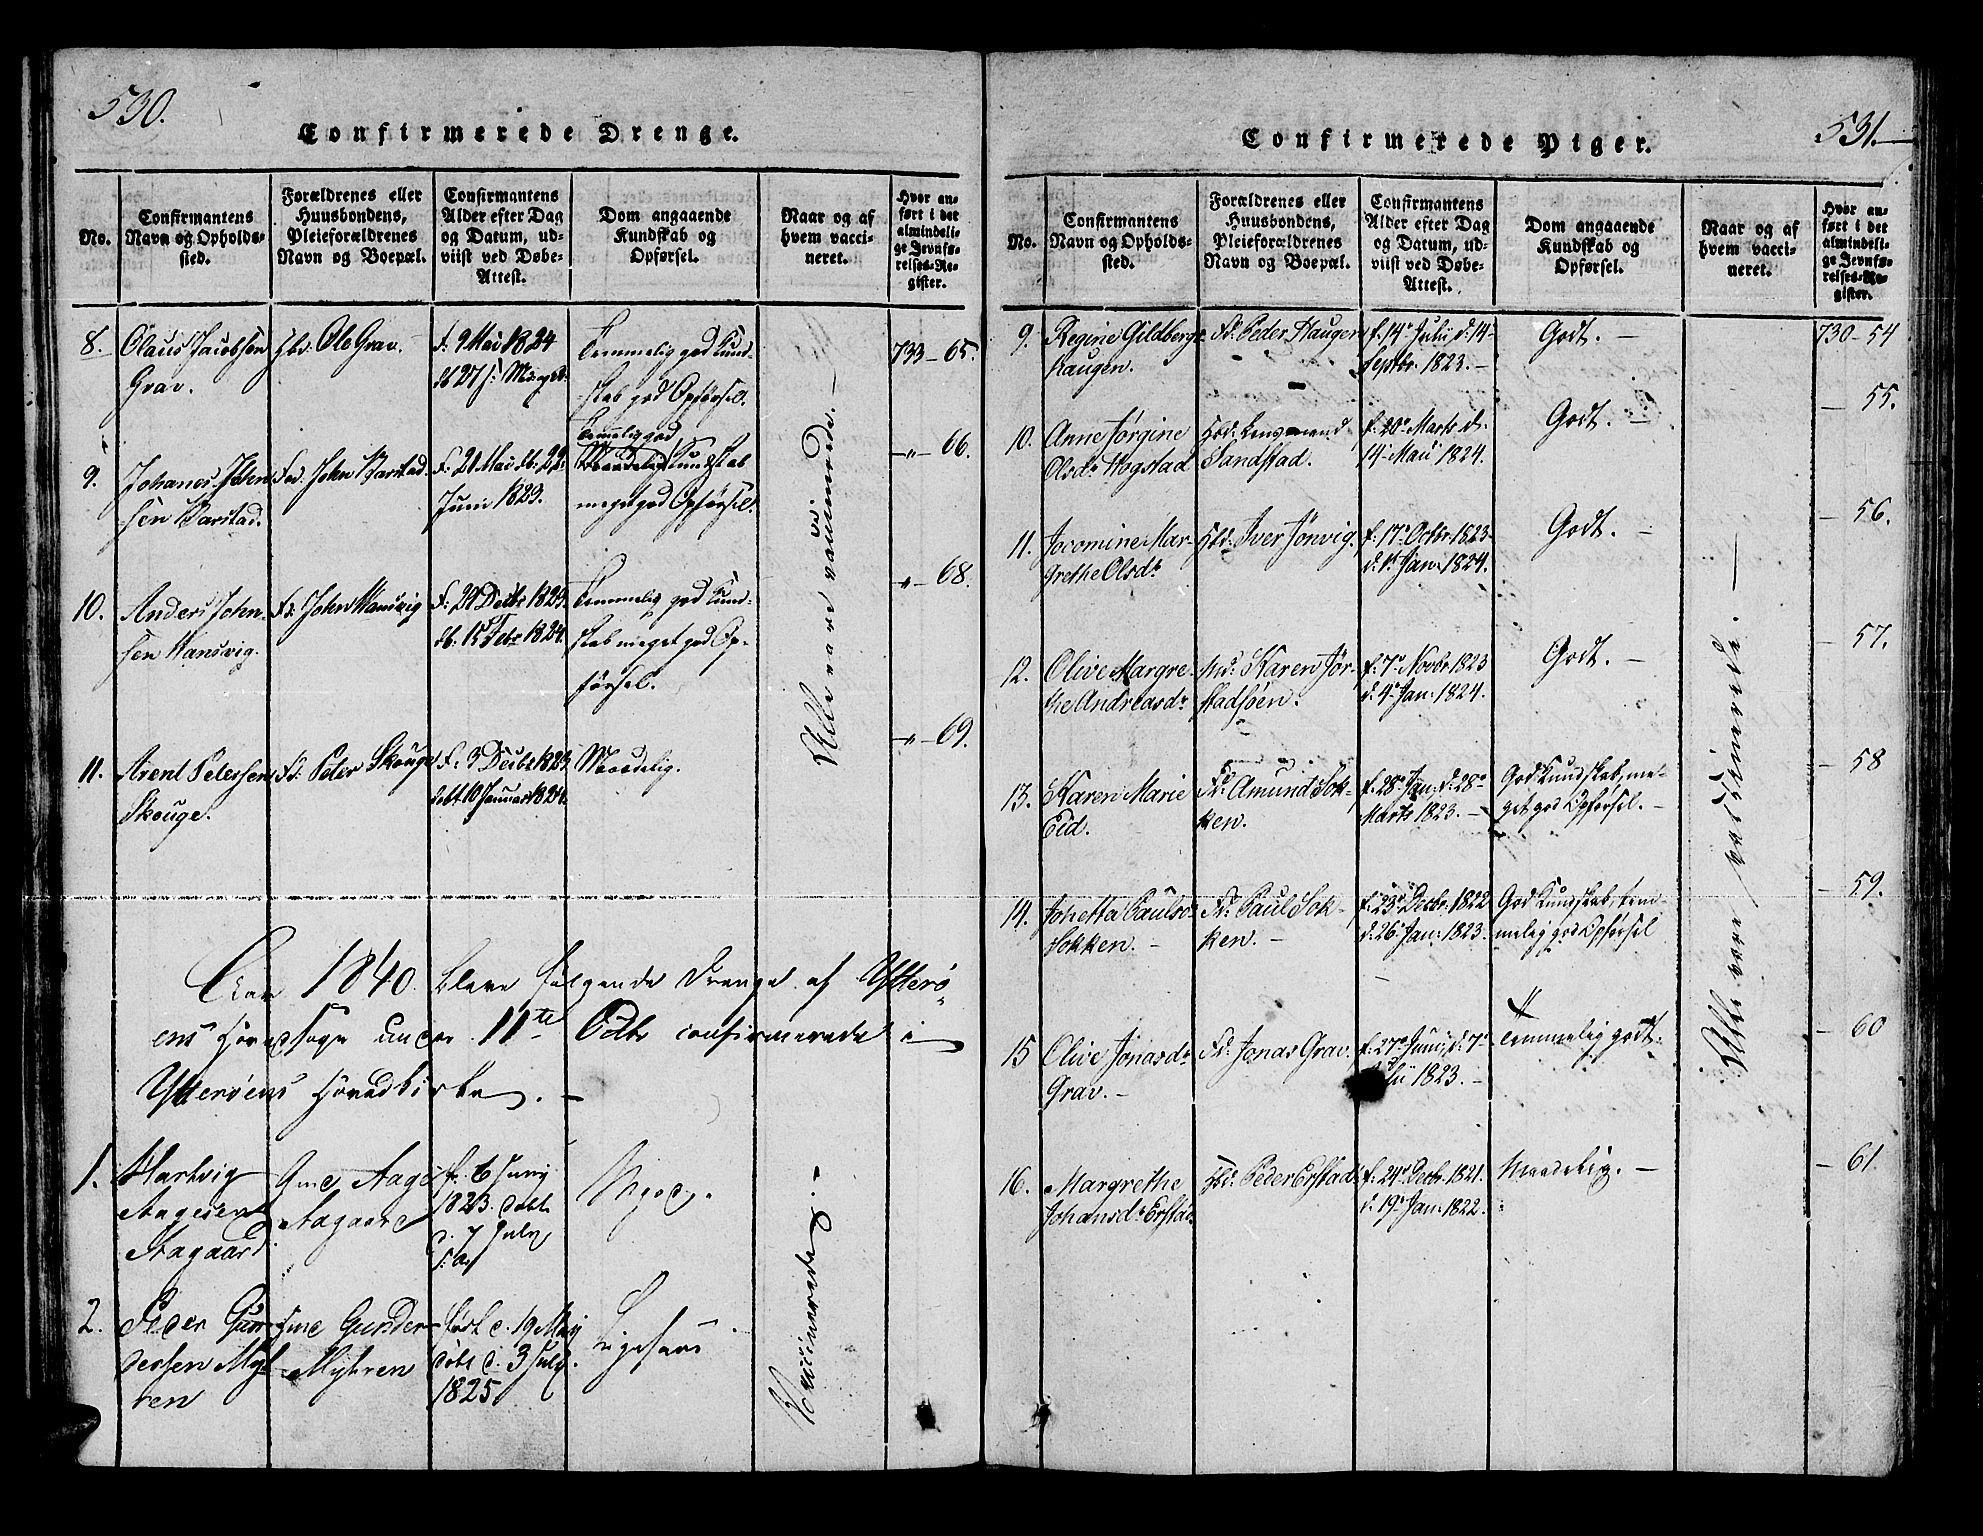 SAT, Ministerialprotokoller, klokkerbøker og fødselsregistre - Nord-Trøndelag, 722/L0217: Ministerialbok nr. 722A04, 1817-1842, s. 530-531